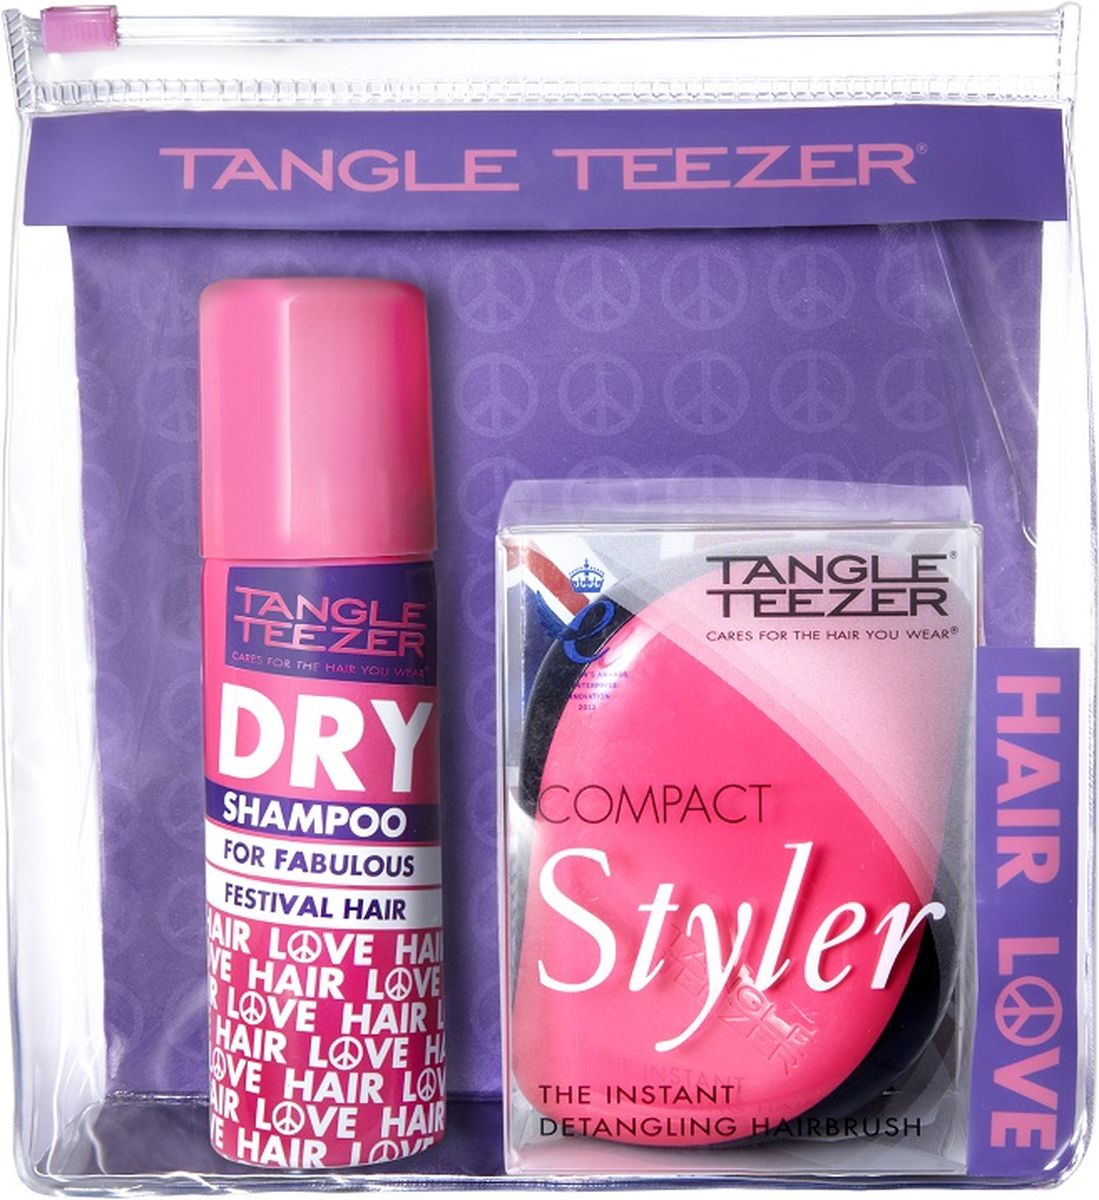 Tangle Teezer Набор Festival Pack сухой шампунь и расческа шампунь хербал эсенсес купить в киеве